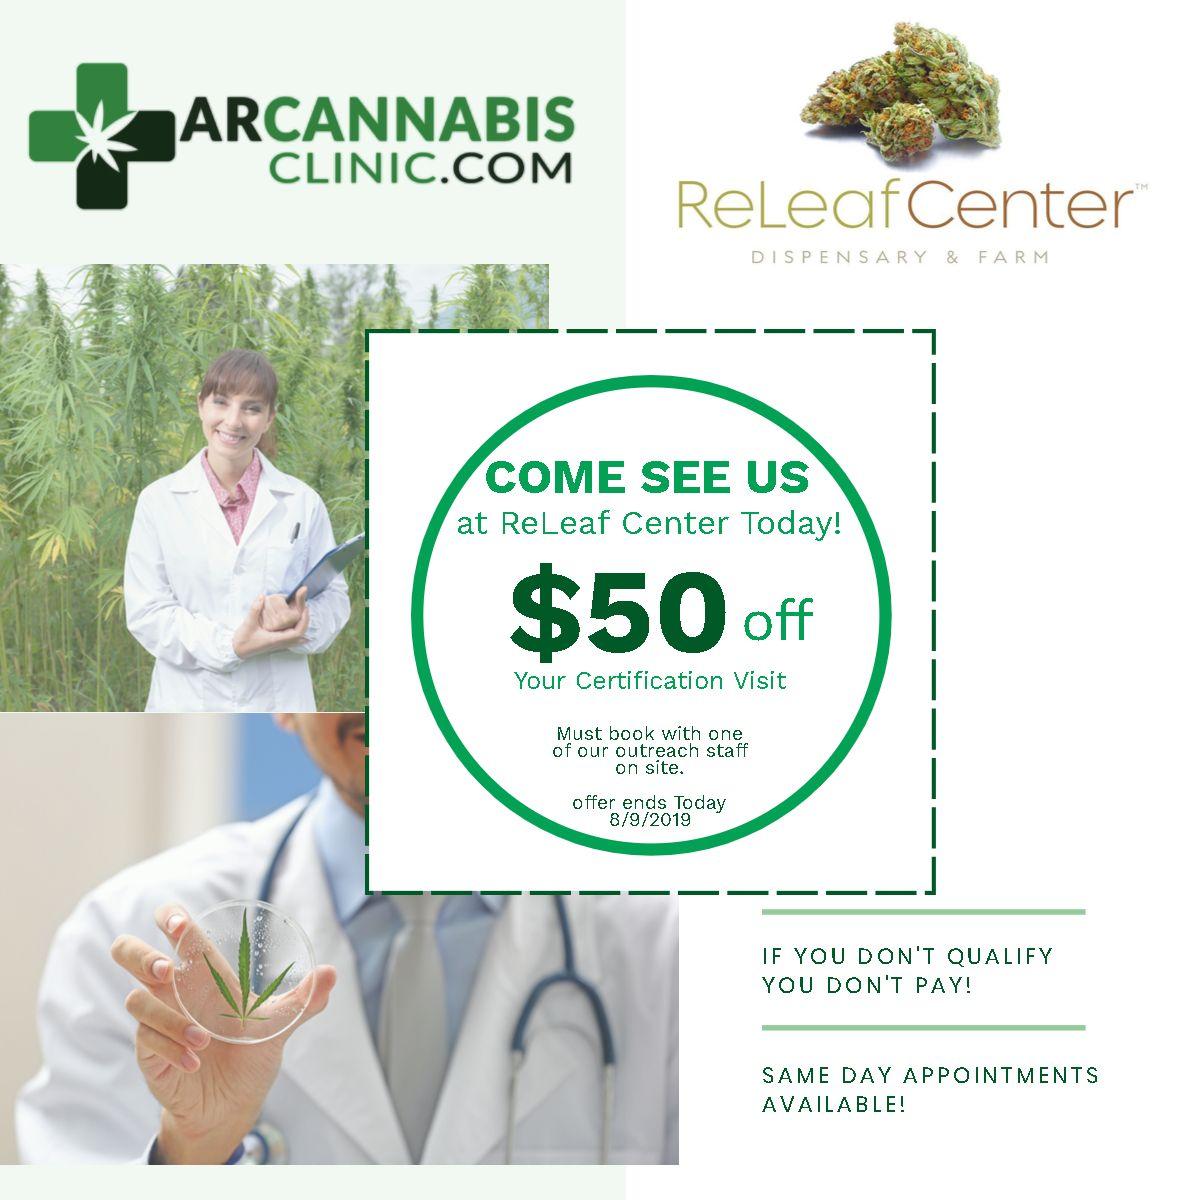 Pin on AR Cannabis Clinic Newsletter